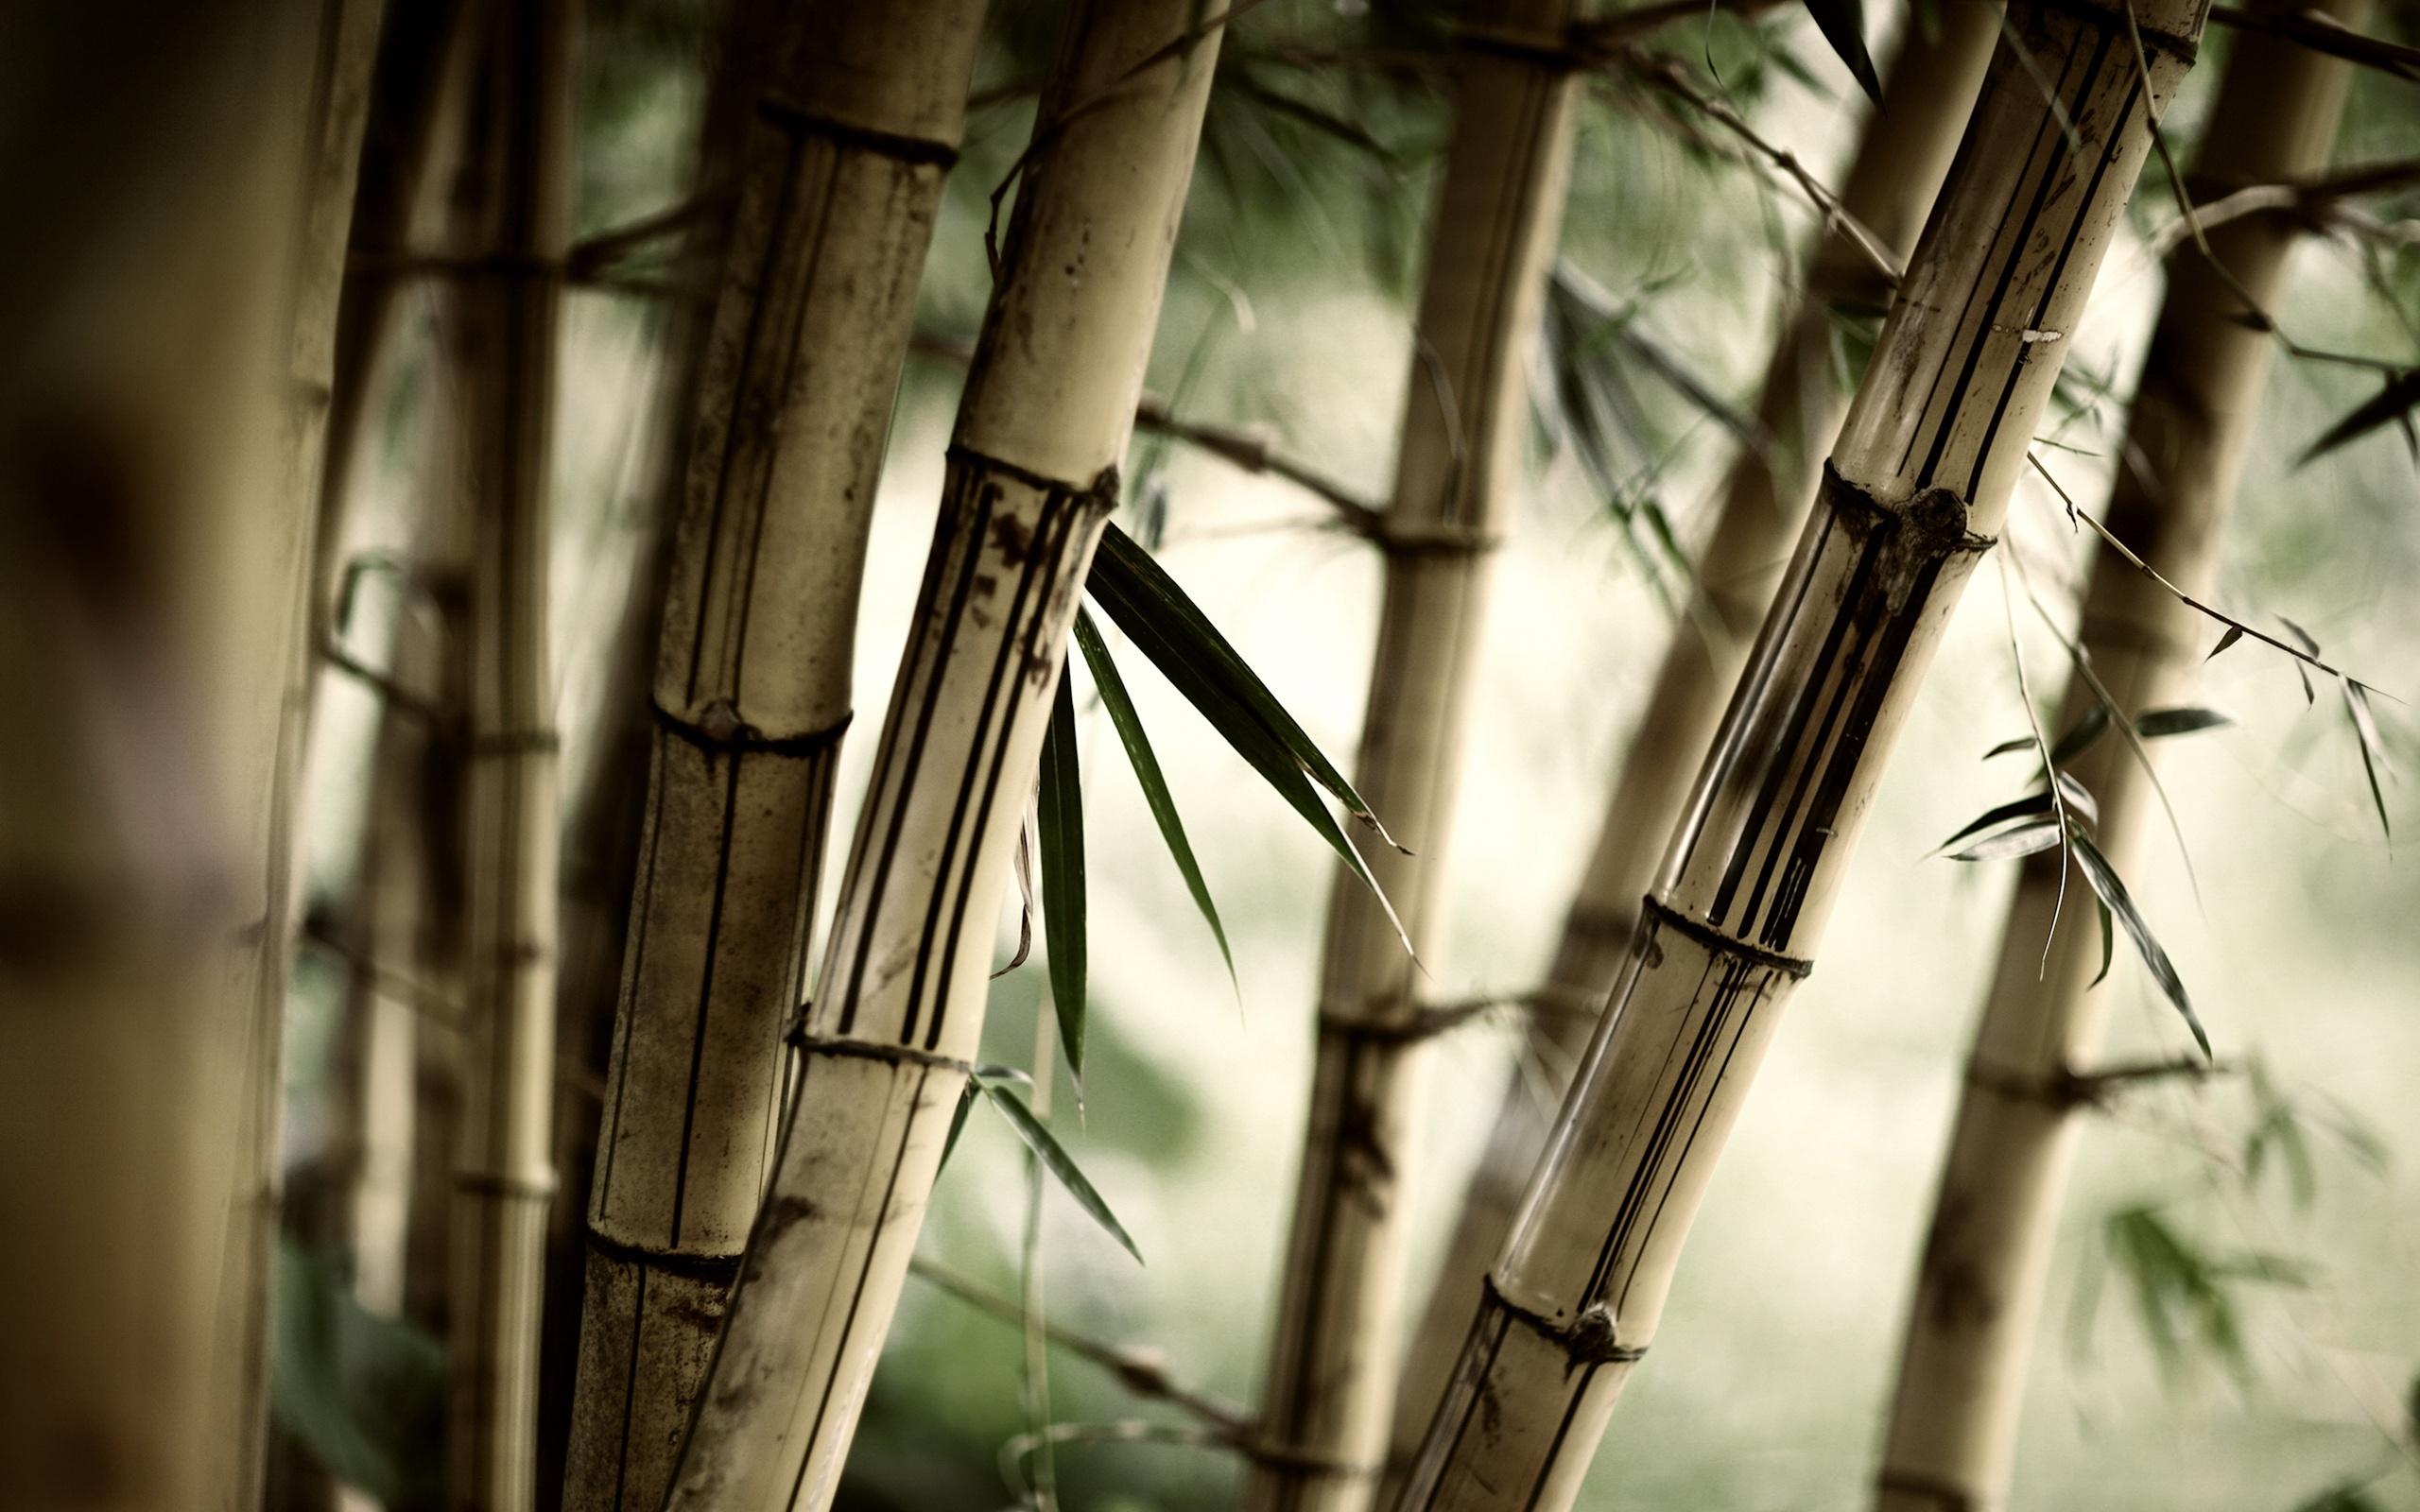 евгеньевич пошел картинки бамбук для телефона пожалели юношу выхлопотали